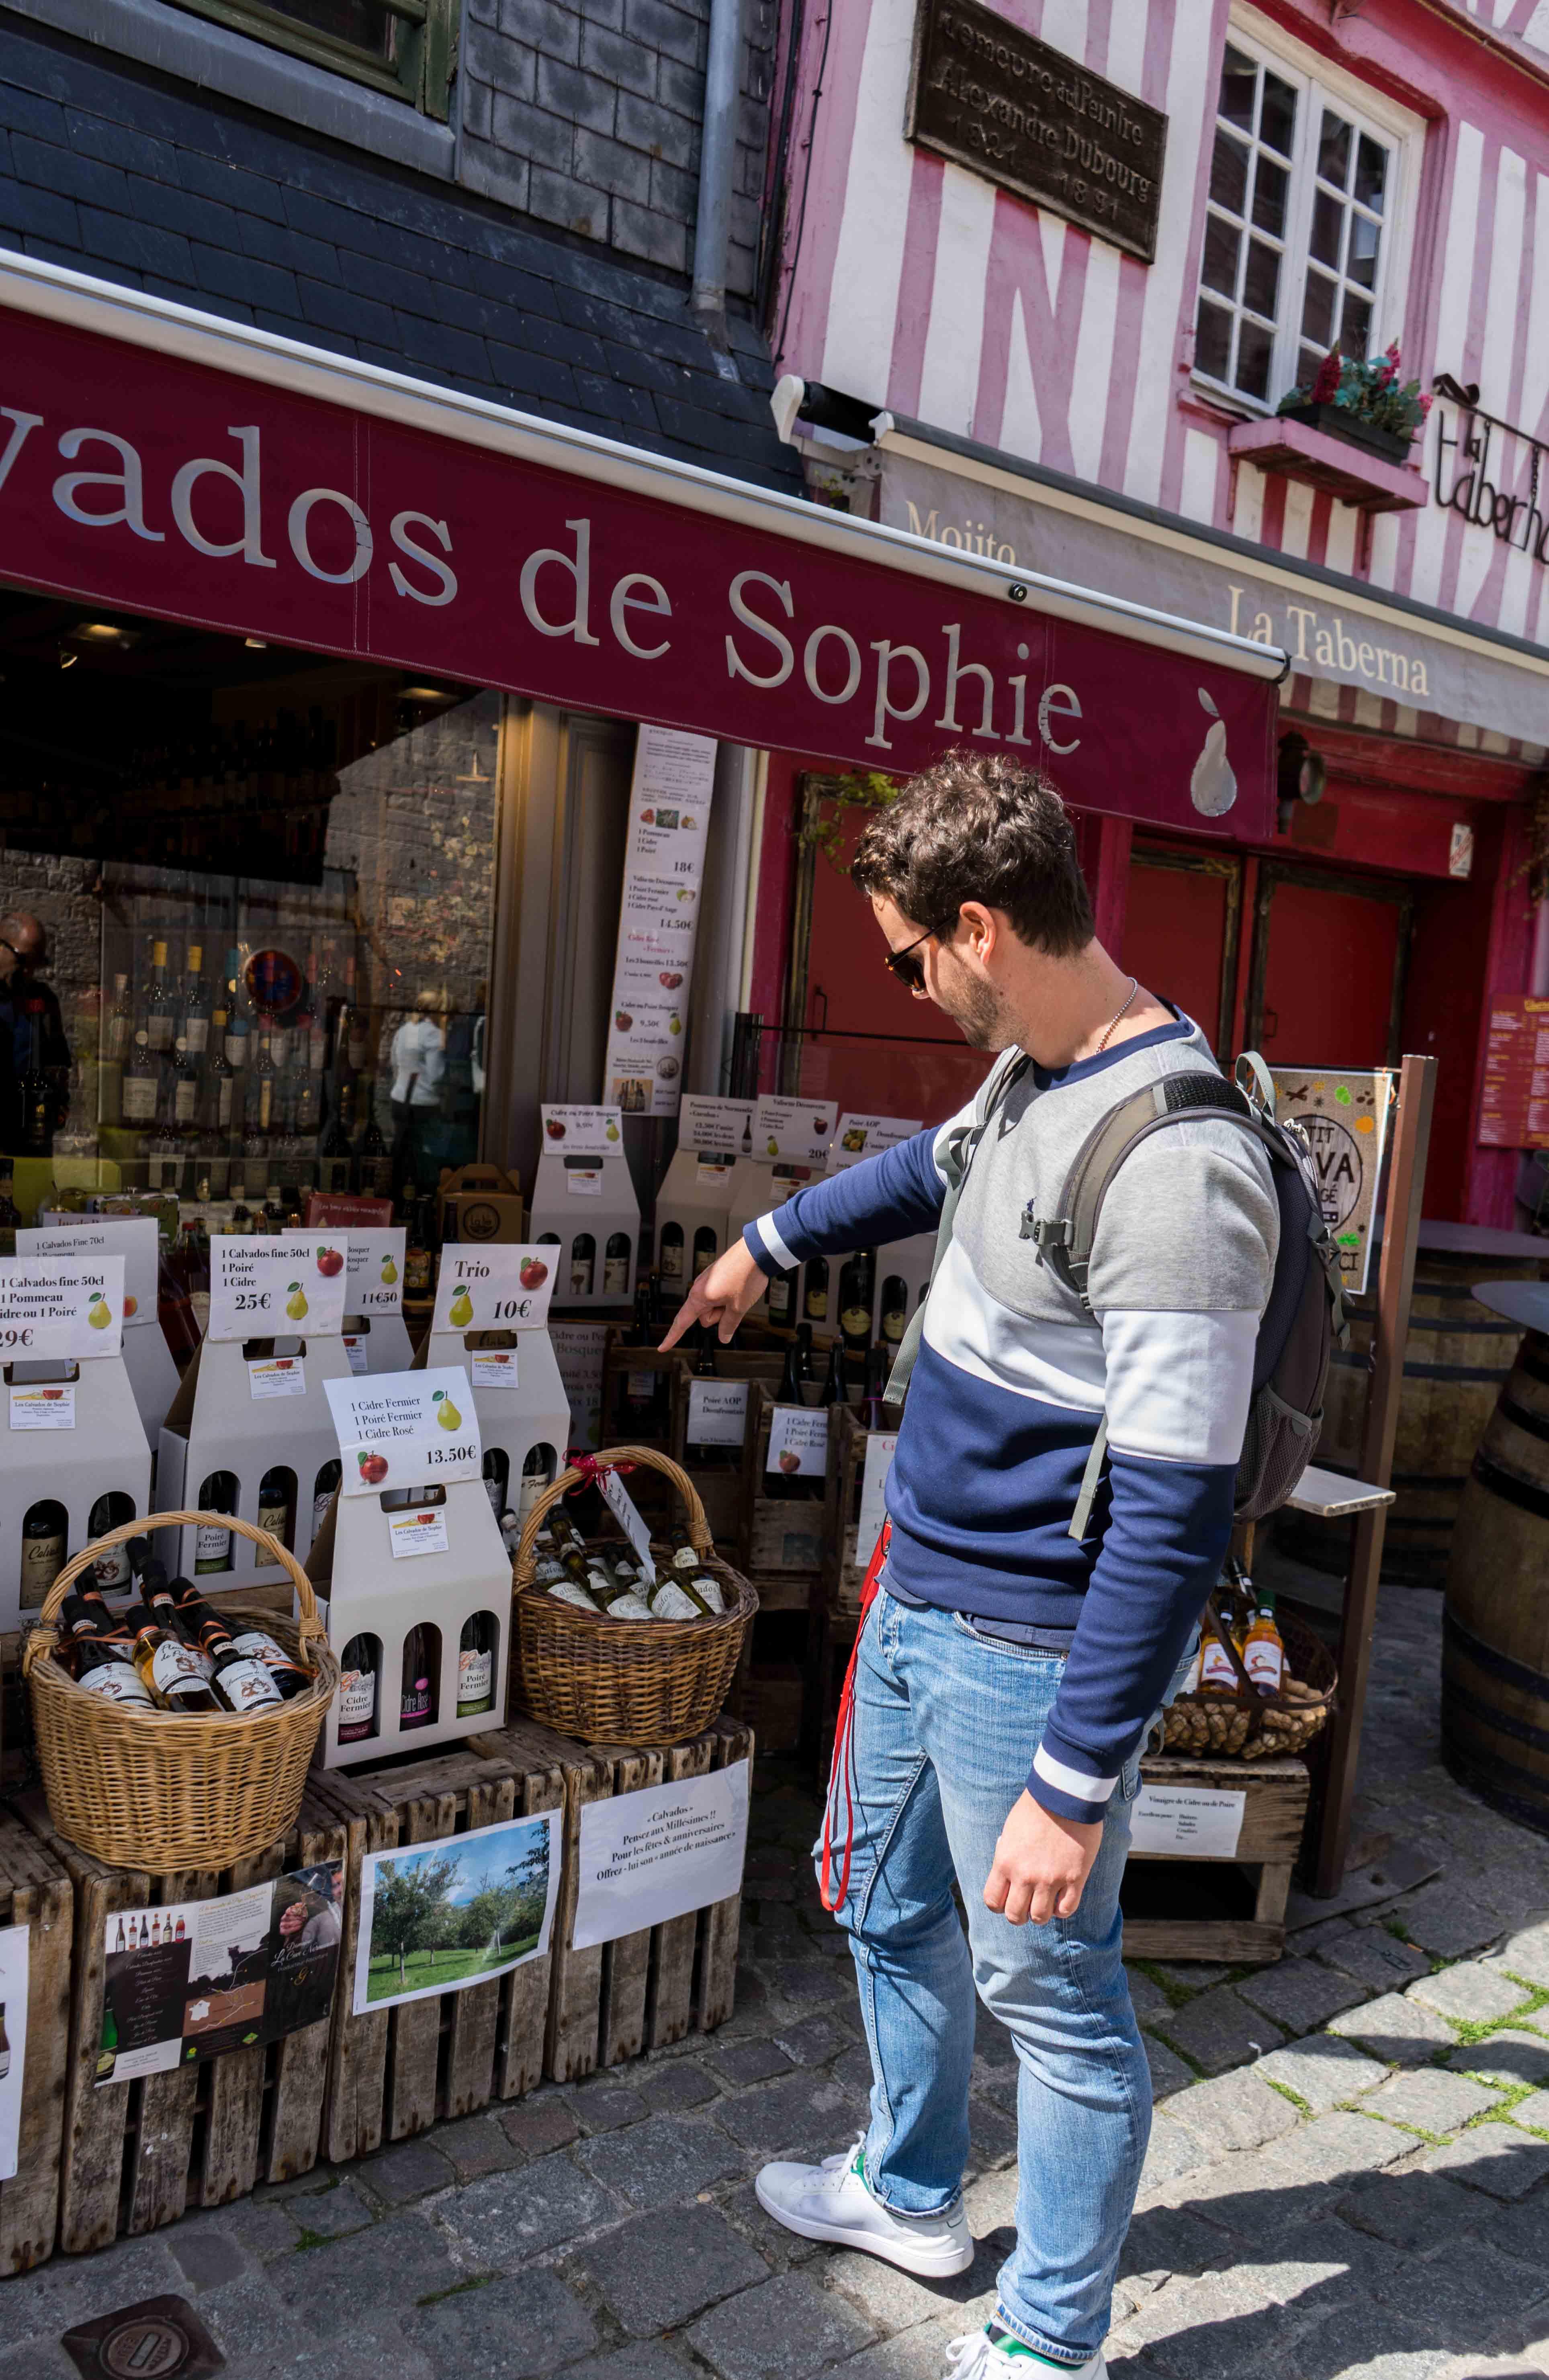 Calvados Shop Honfleur Tipps Normandie Rundreise beste Reiseroute Seine Flusskreuzfahrt AROSA Sehenswürdigkeiten Sightseeing Reiseblog 2